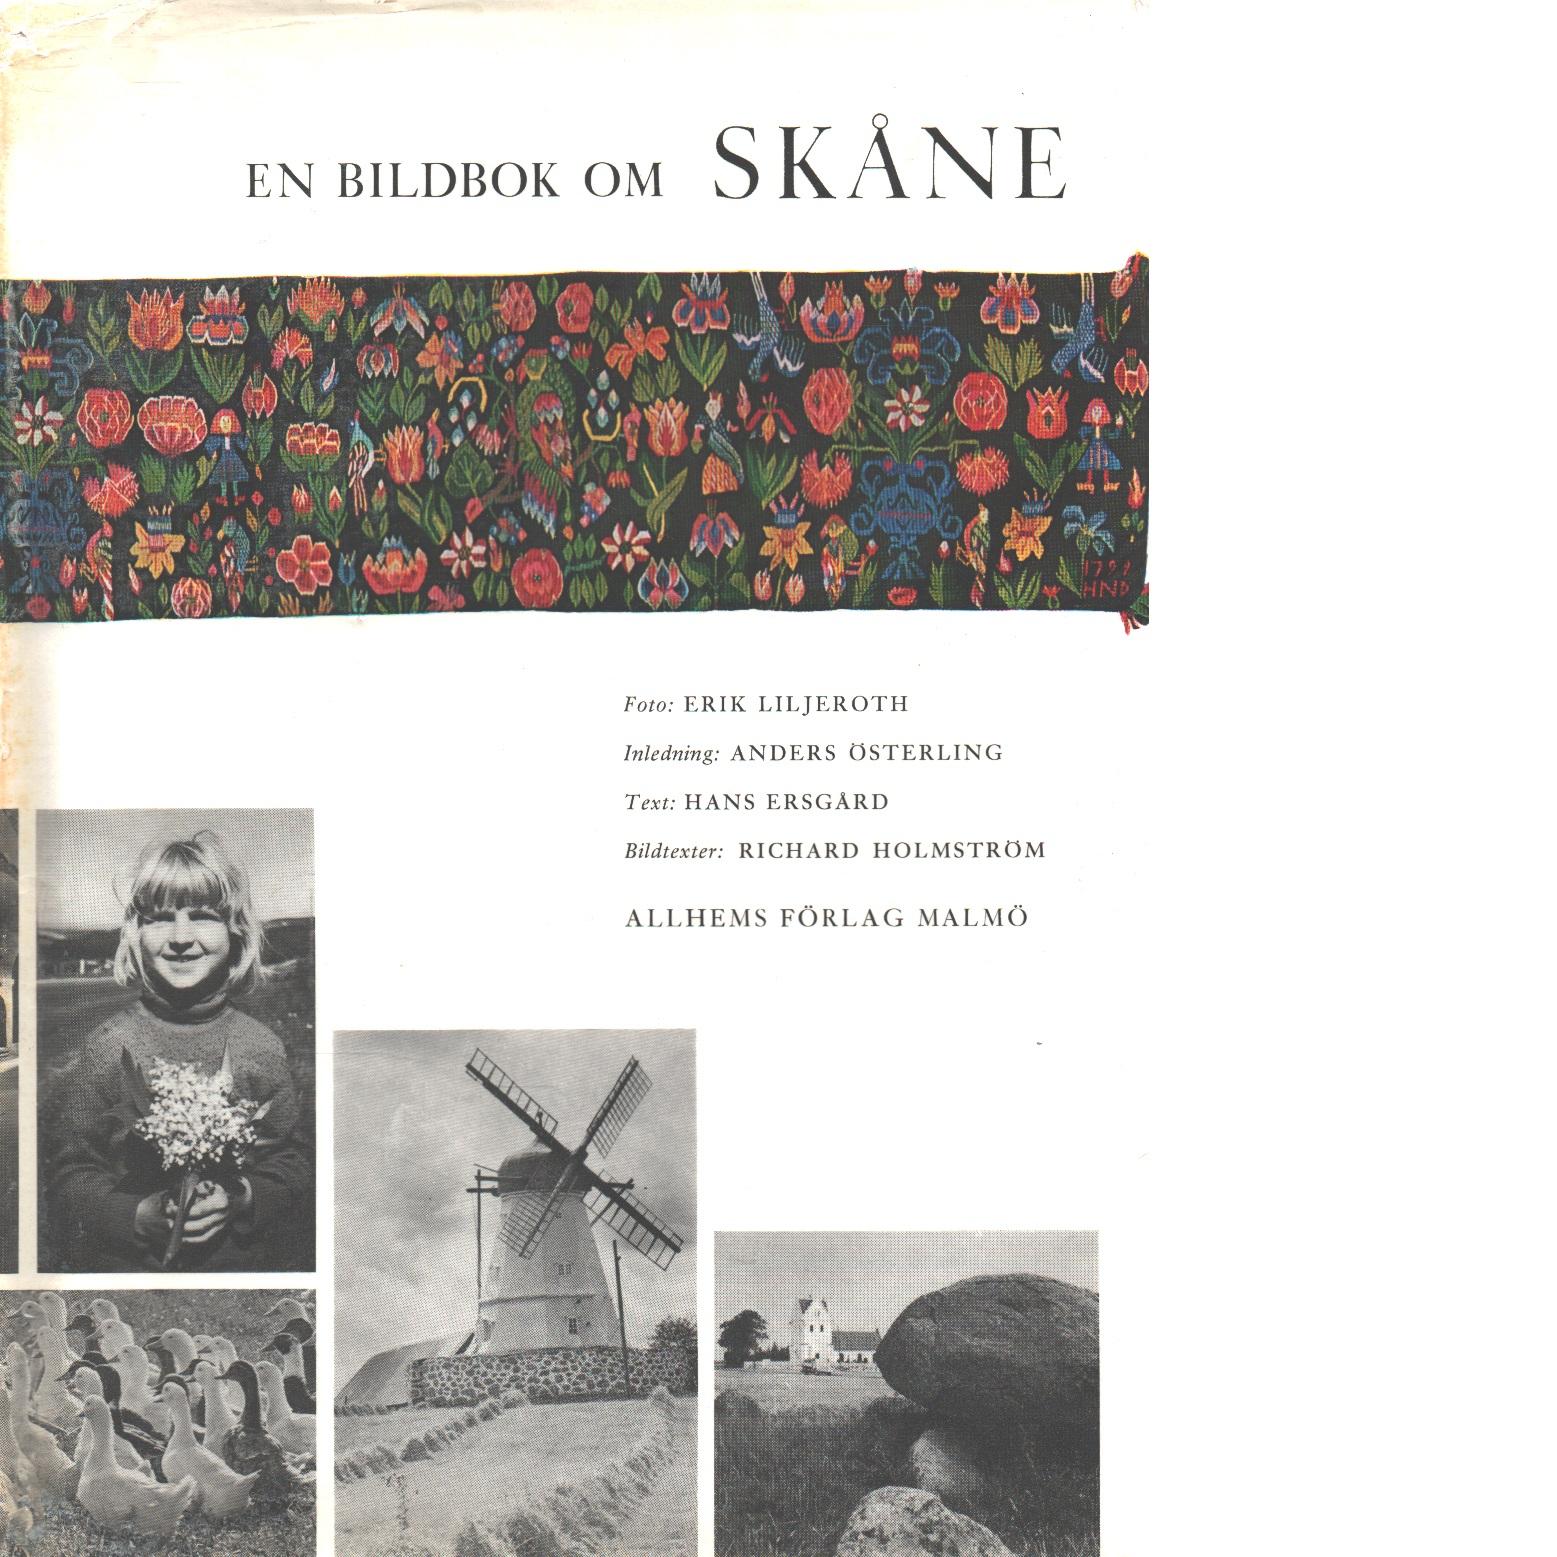 Skåne - En bildbok om Skåne nuet och hävderna - Ersgård, Hans (Allhems förlag)